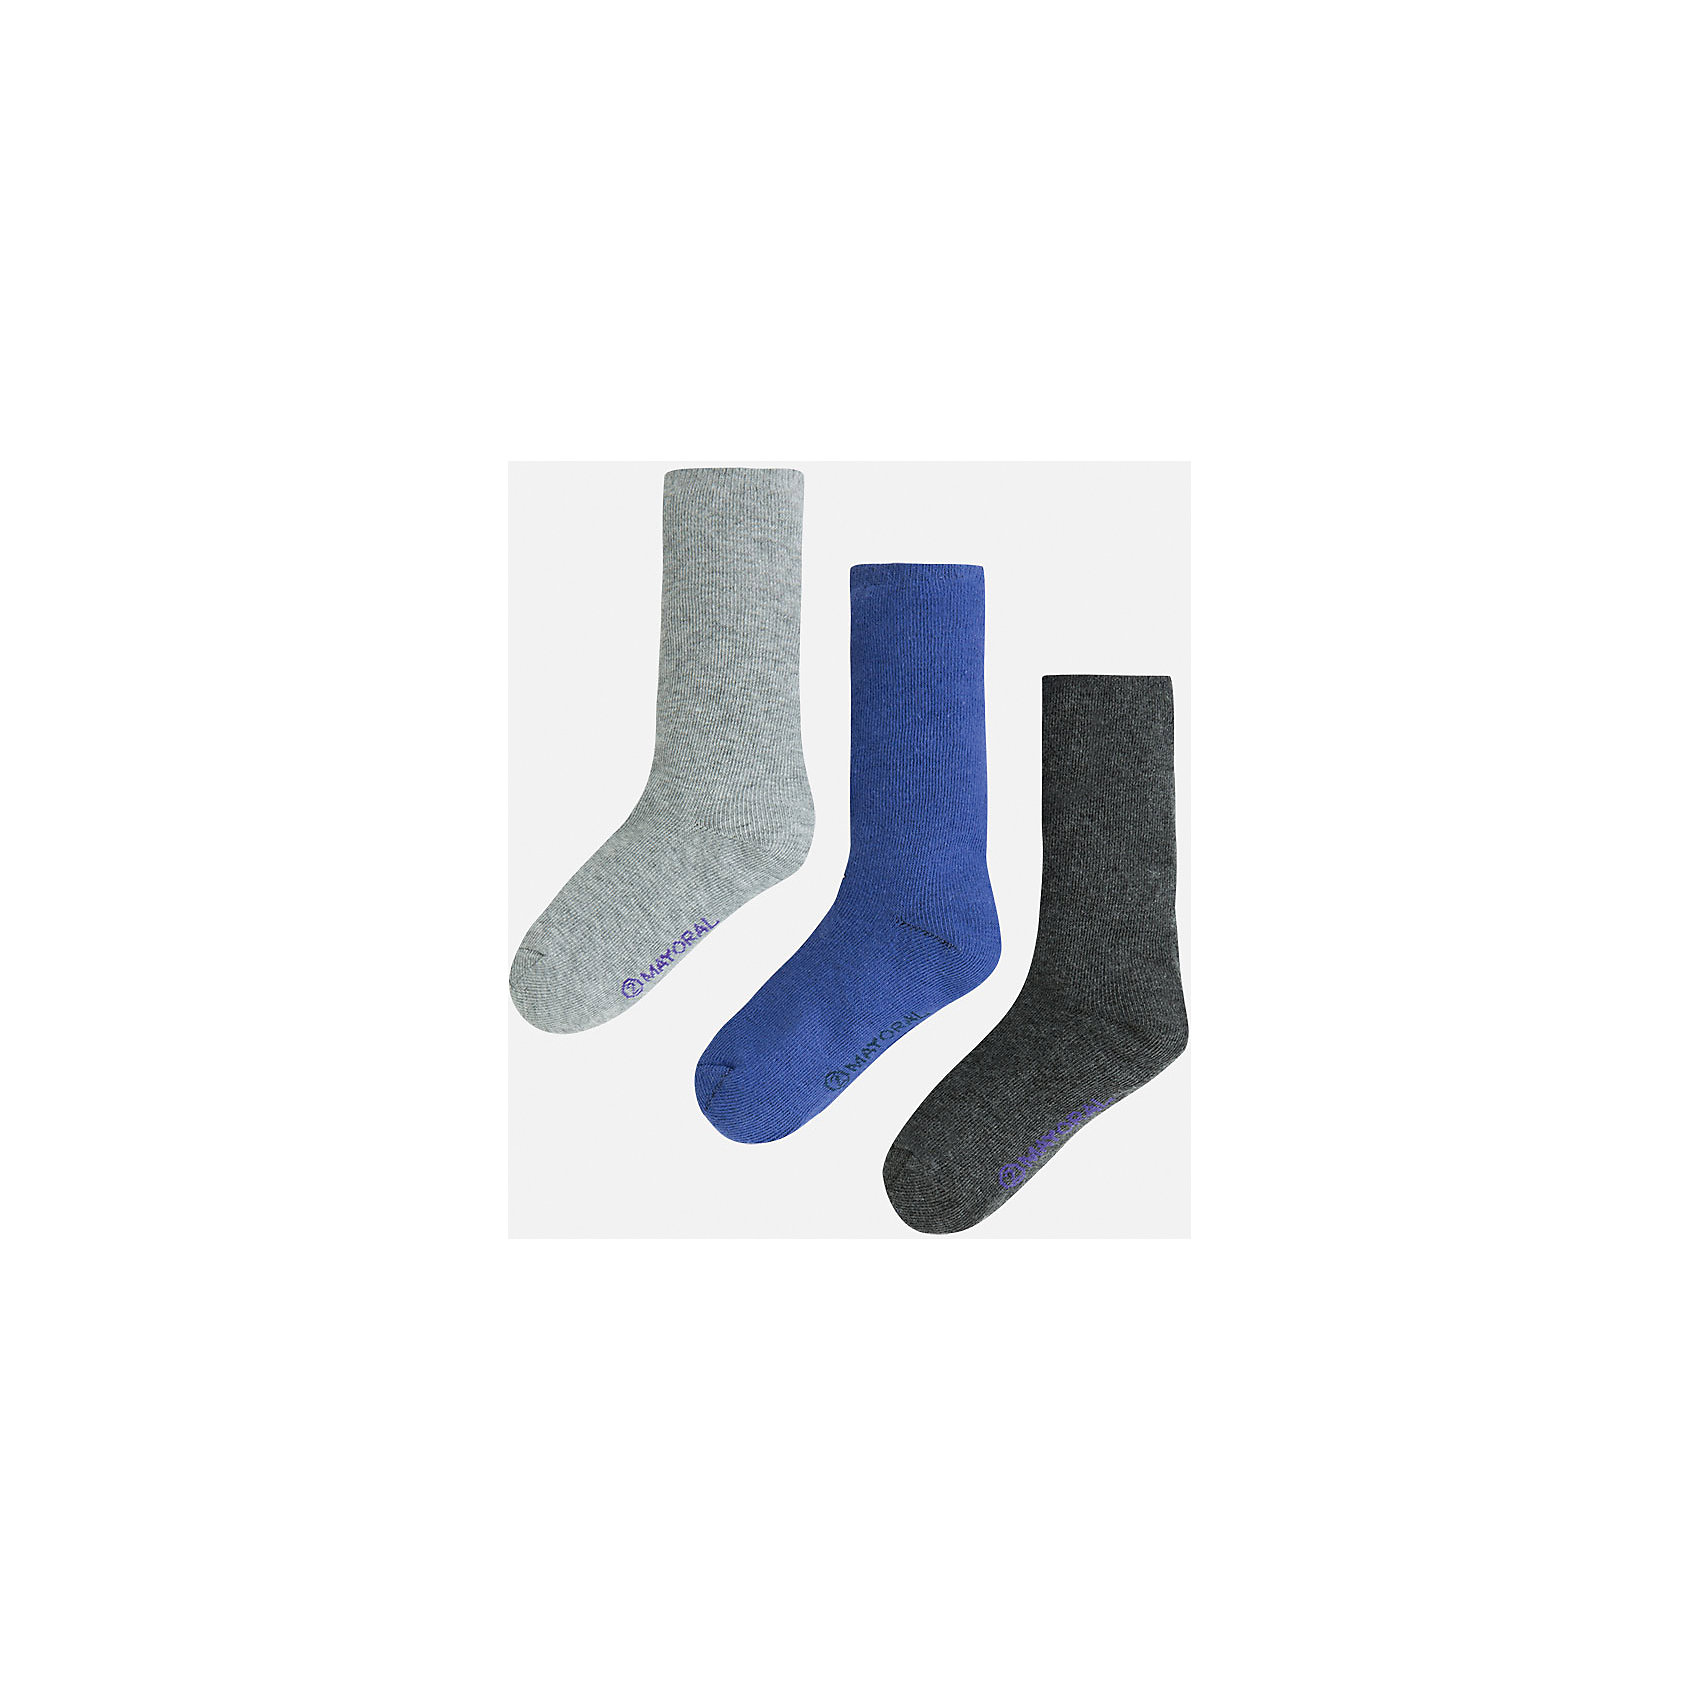 Носки для мальчика, 3 парыКомплект из 3 пар носков для мальчика от известного испанского бренда Mayoral. Изготовлены из качественных и дышащим материалов. Однотонные носки - отличный вариант на каждый день!<br>Дополнительная информация:<br>-цвет: серый; синий; темно-серый<br>-состав: 75% хлопок, 23% полиэстер, 2% эластан<br>Комплект носков Mayoral можно приобрести в нашем интернет-магазине.<br><br>Ширина мм: 87<br>Глубина мм: 10<br>Высота мм: 105<br>Вес г: 115<br>Цвет: синий<br>Возраст от месяцев: 60<br>Возраст до месяцев: 72<br>Пол: Мужской<br>Возраст: Детский<br>Размер: 6,4,8<br>SKU: 4820145